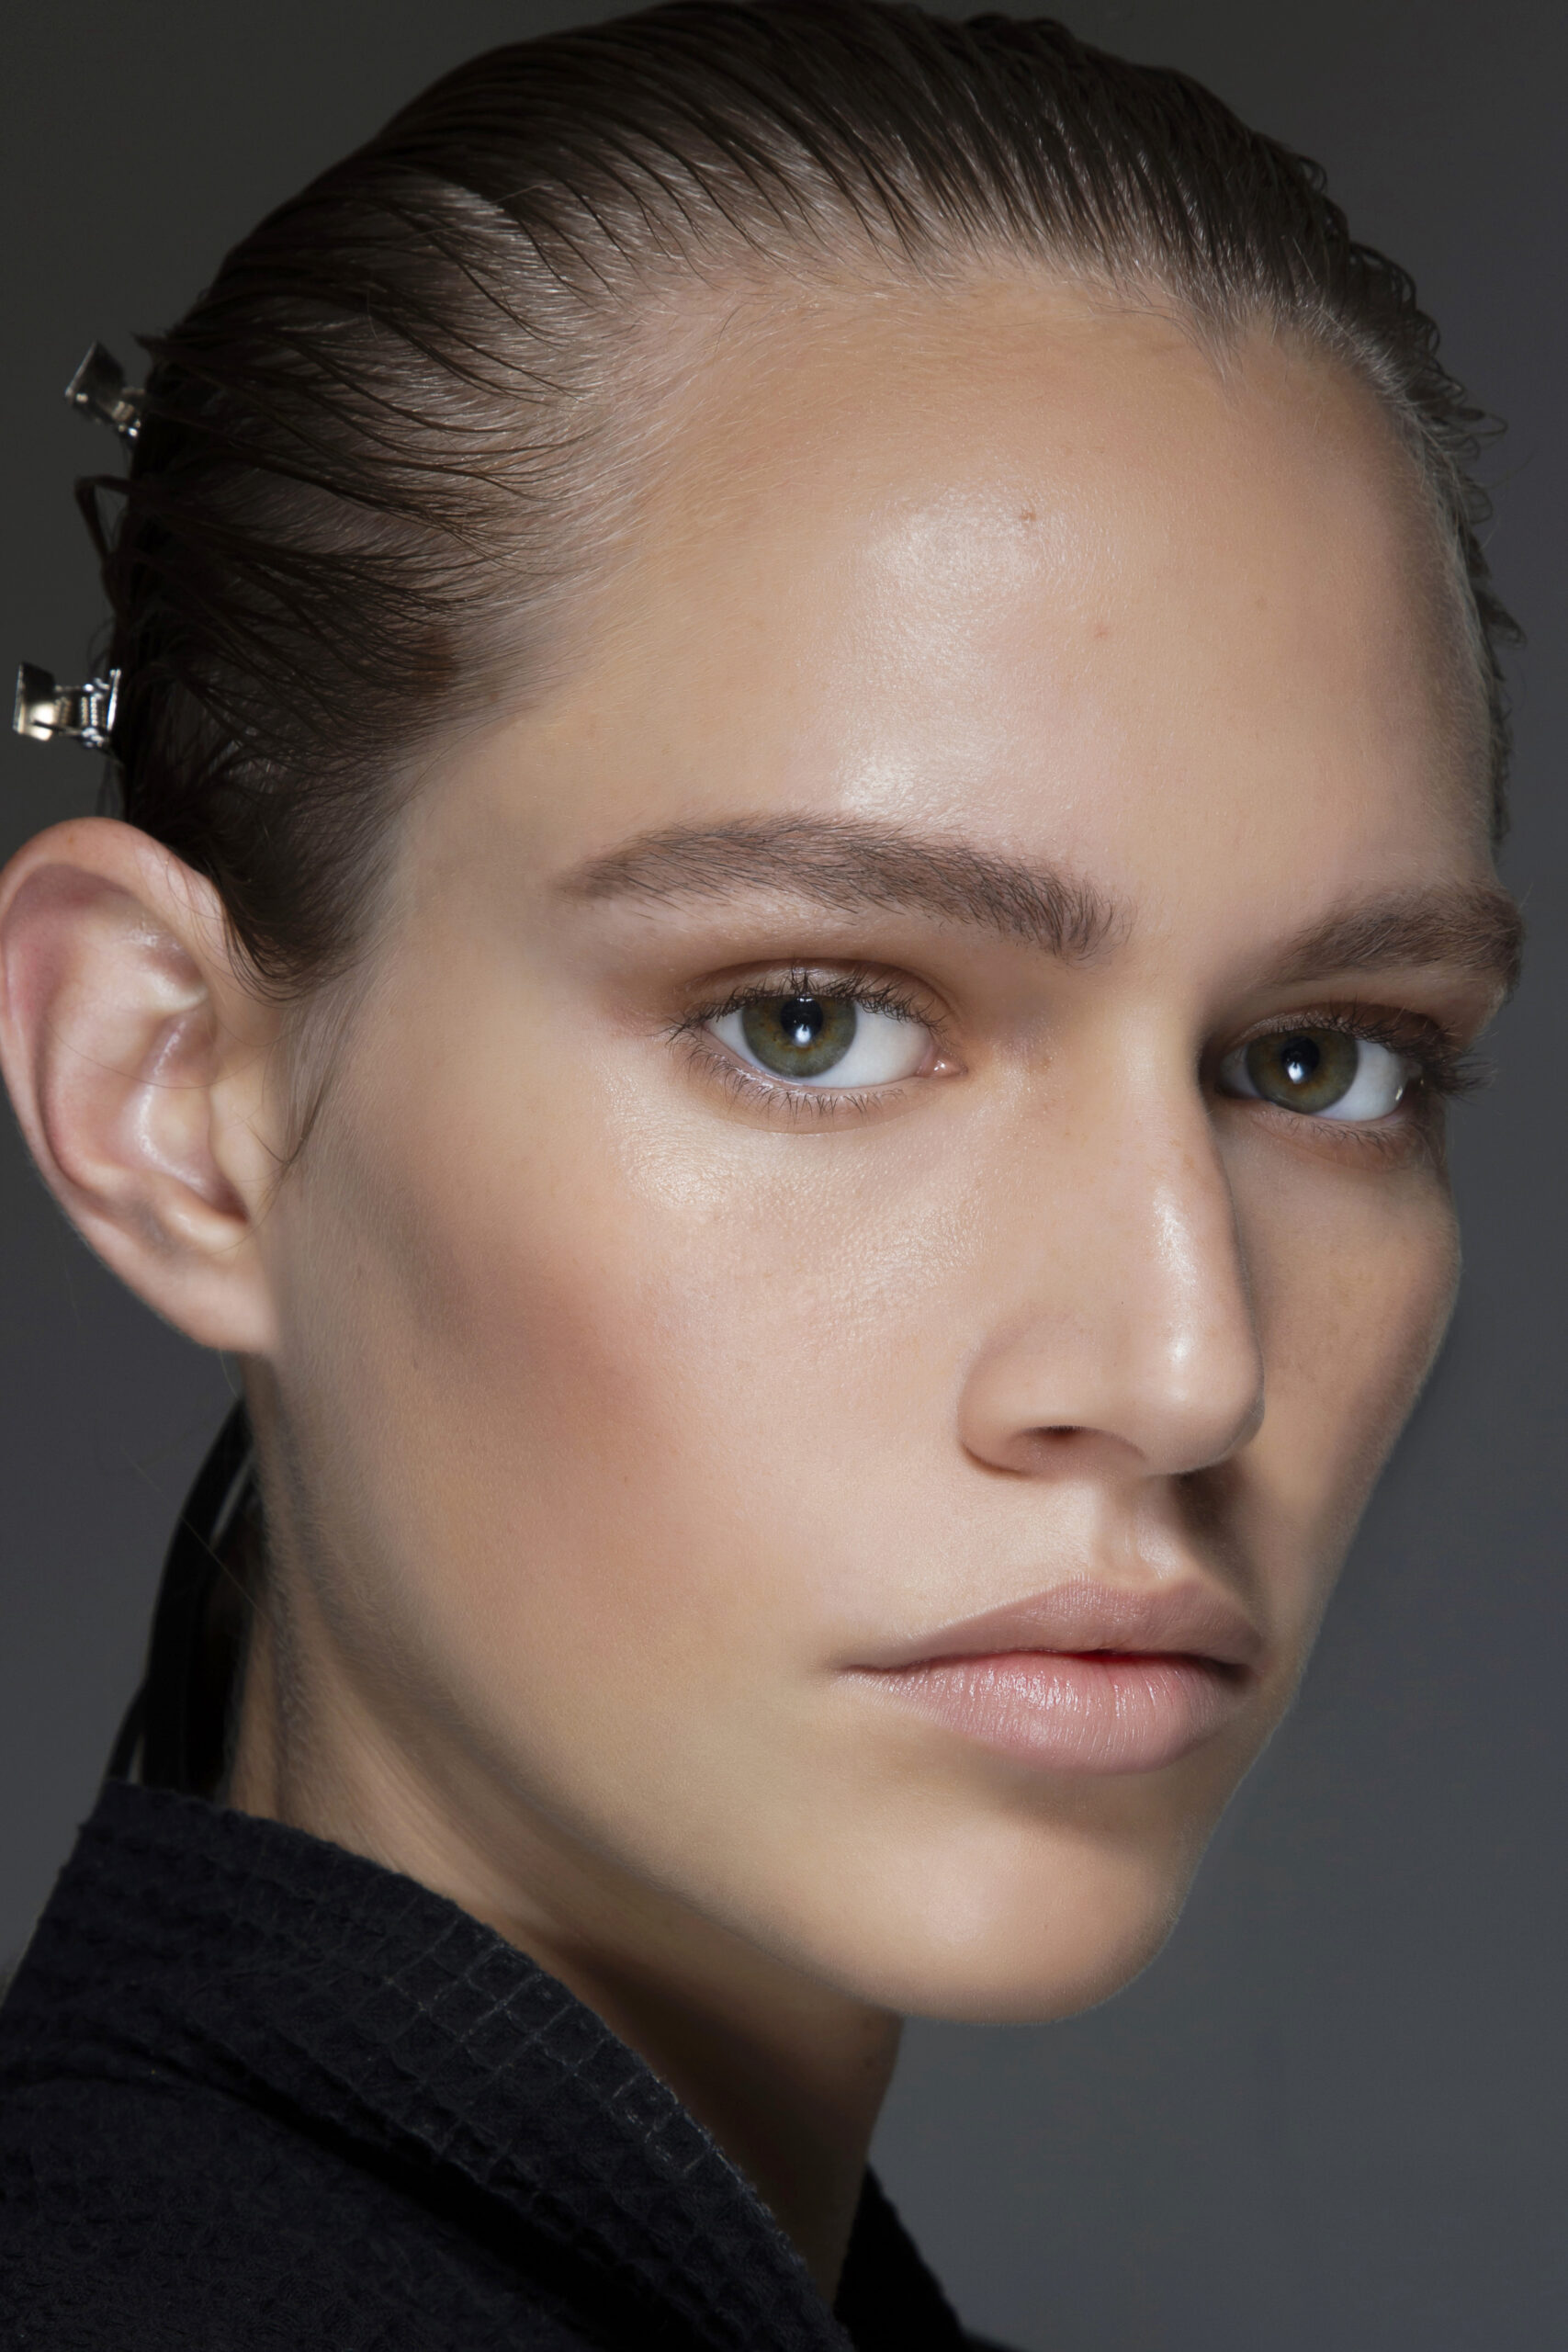 najlepsze tanie kosmetyki do makijażu wybrane przez polskich makijażystów